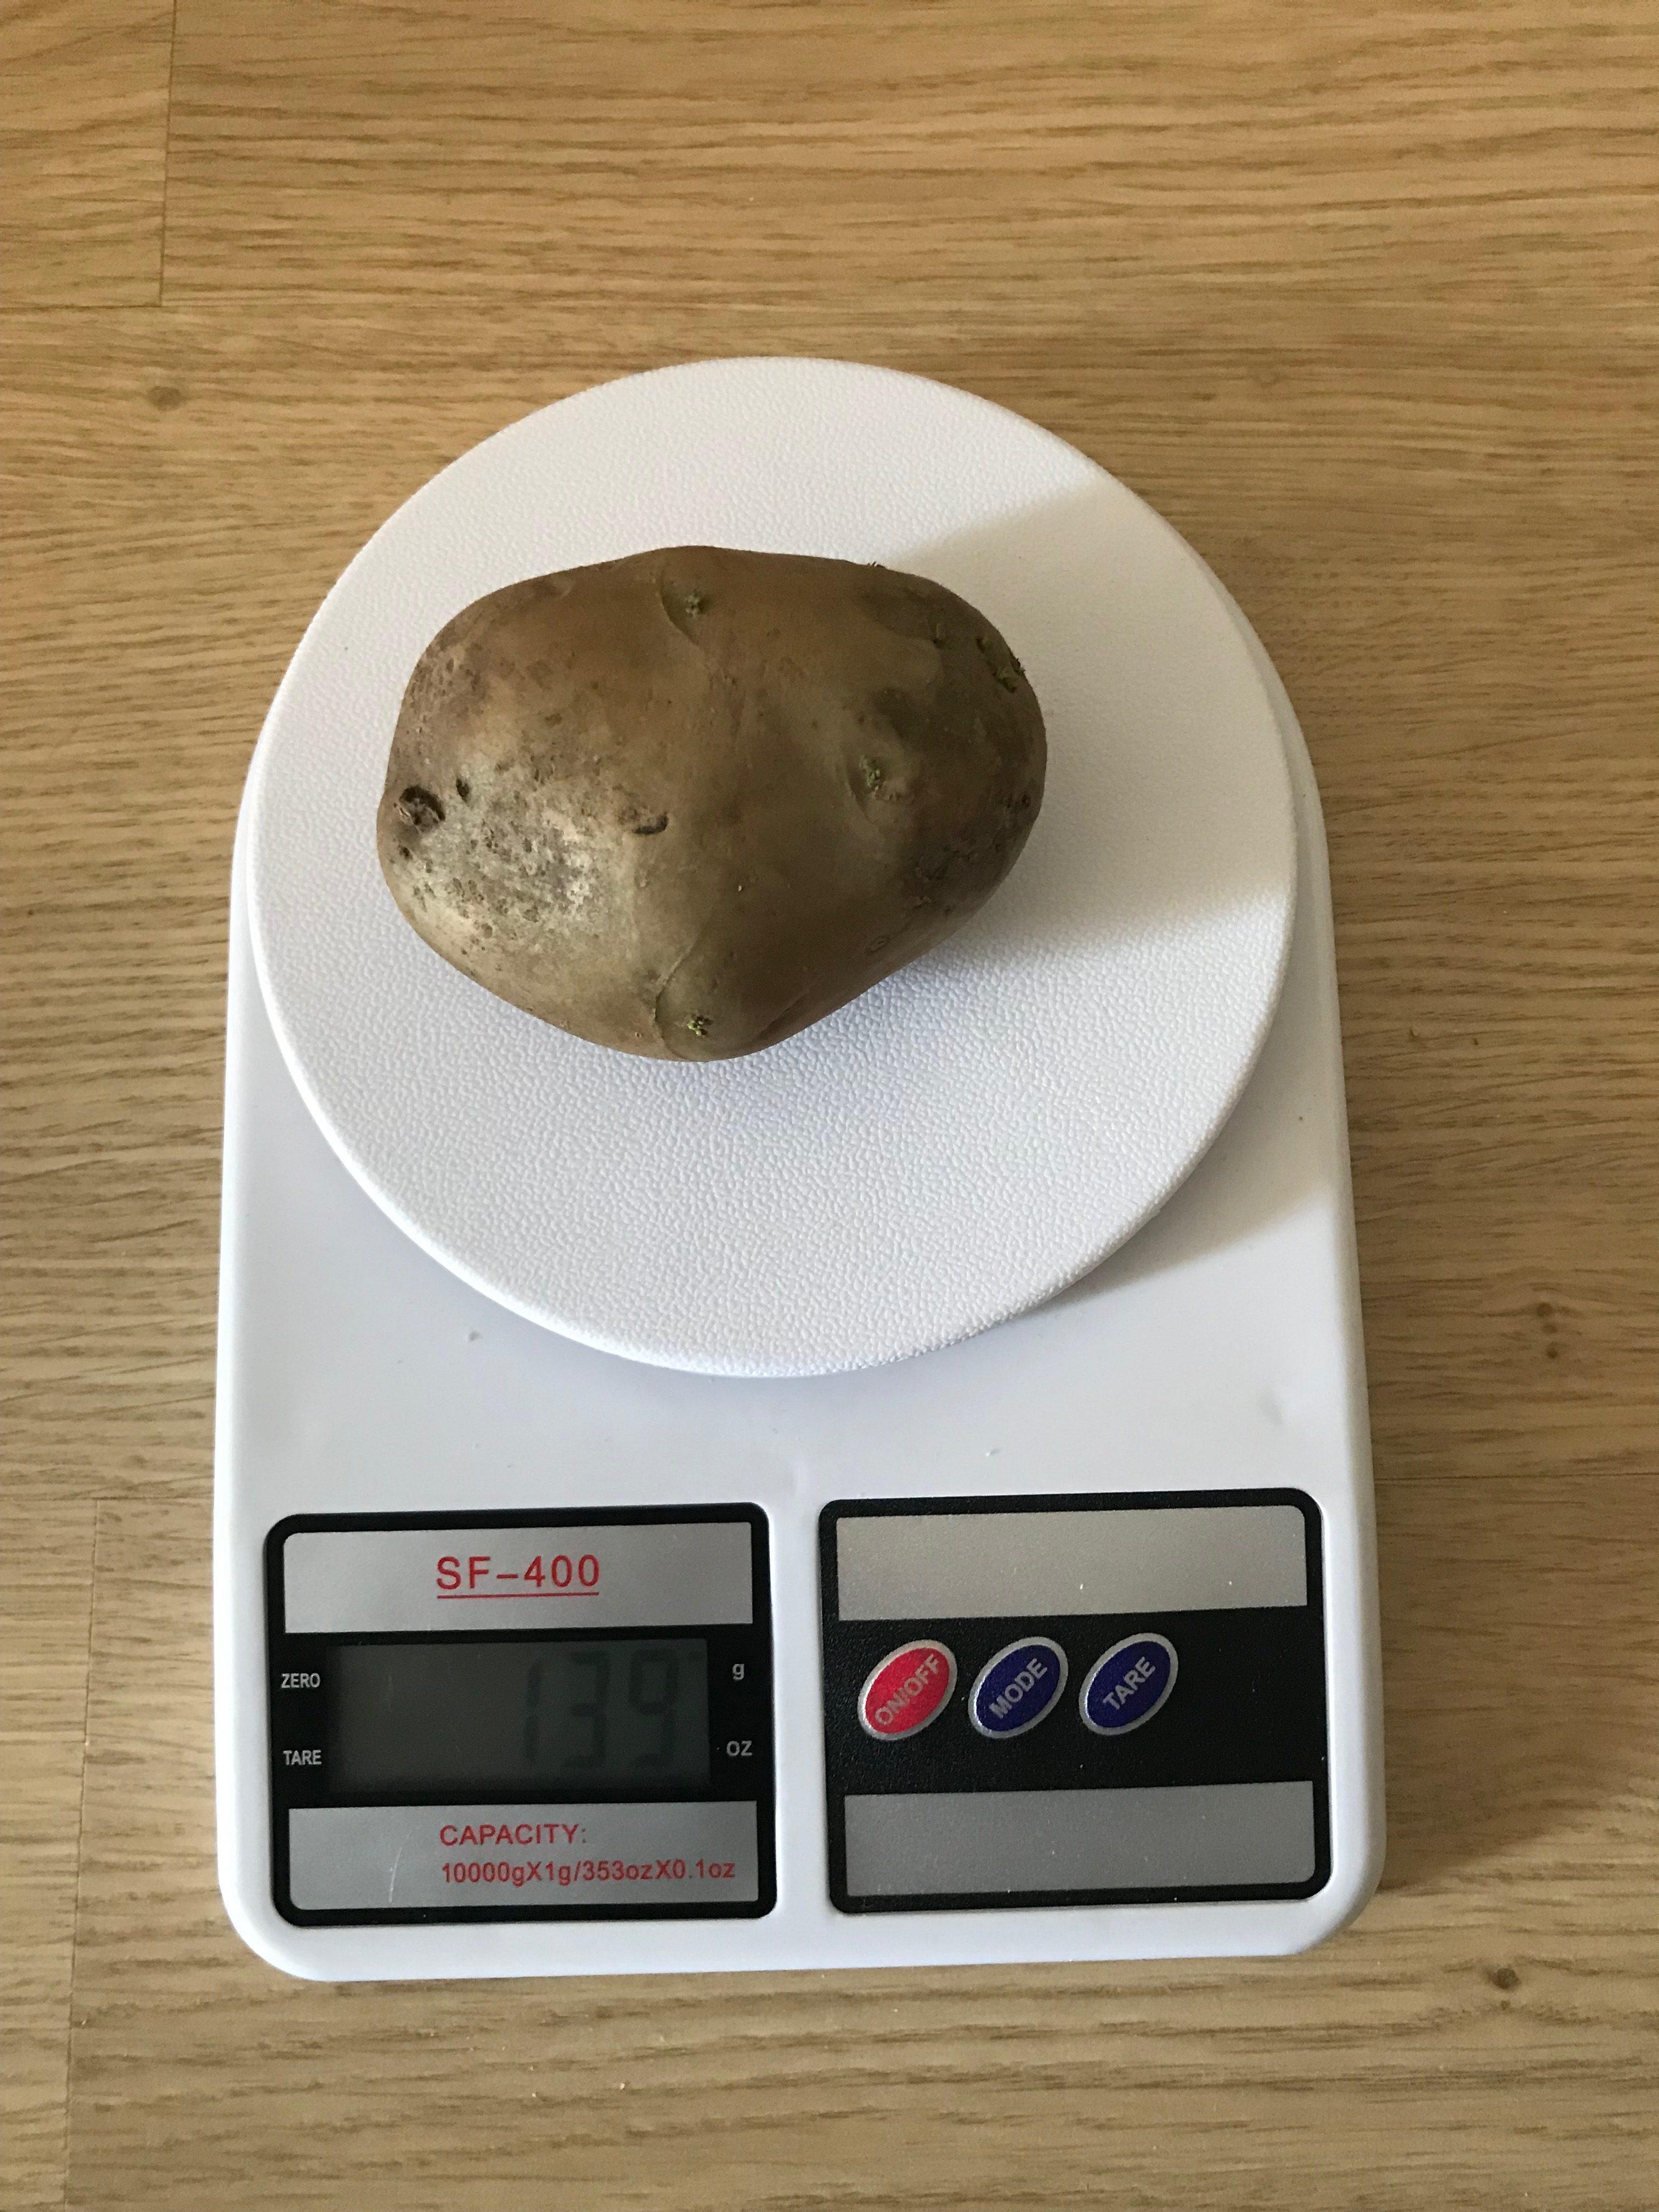 вес 1 среднего картофеля